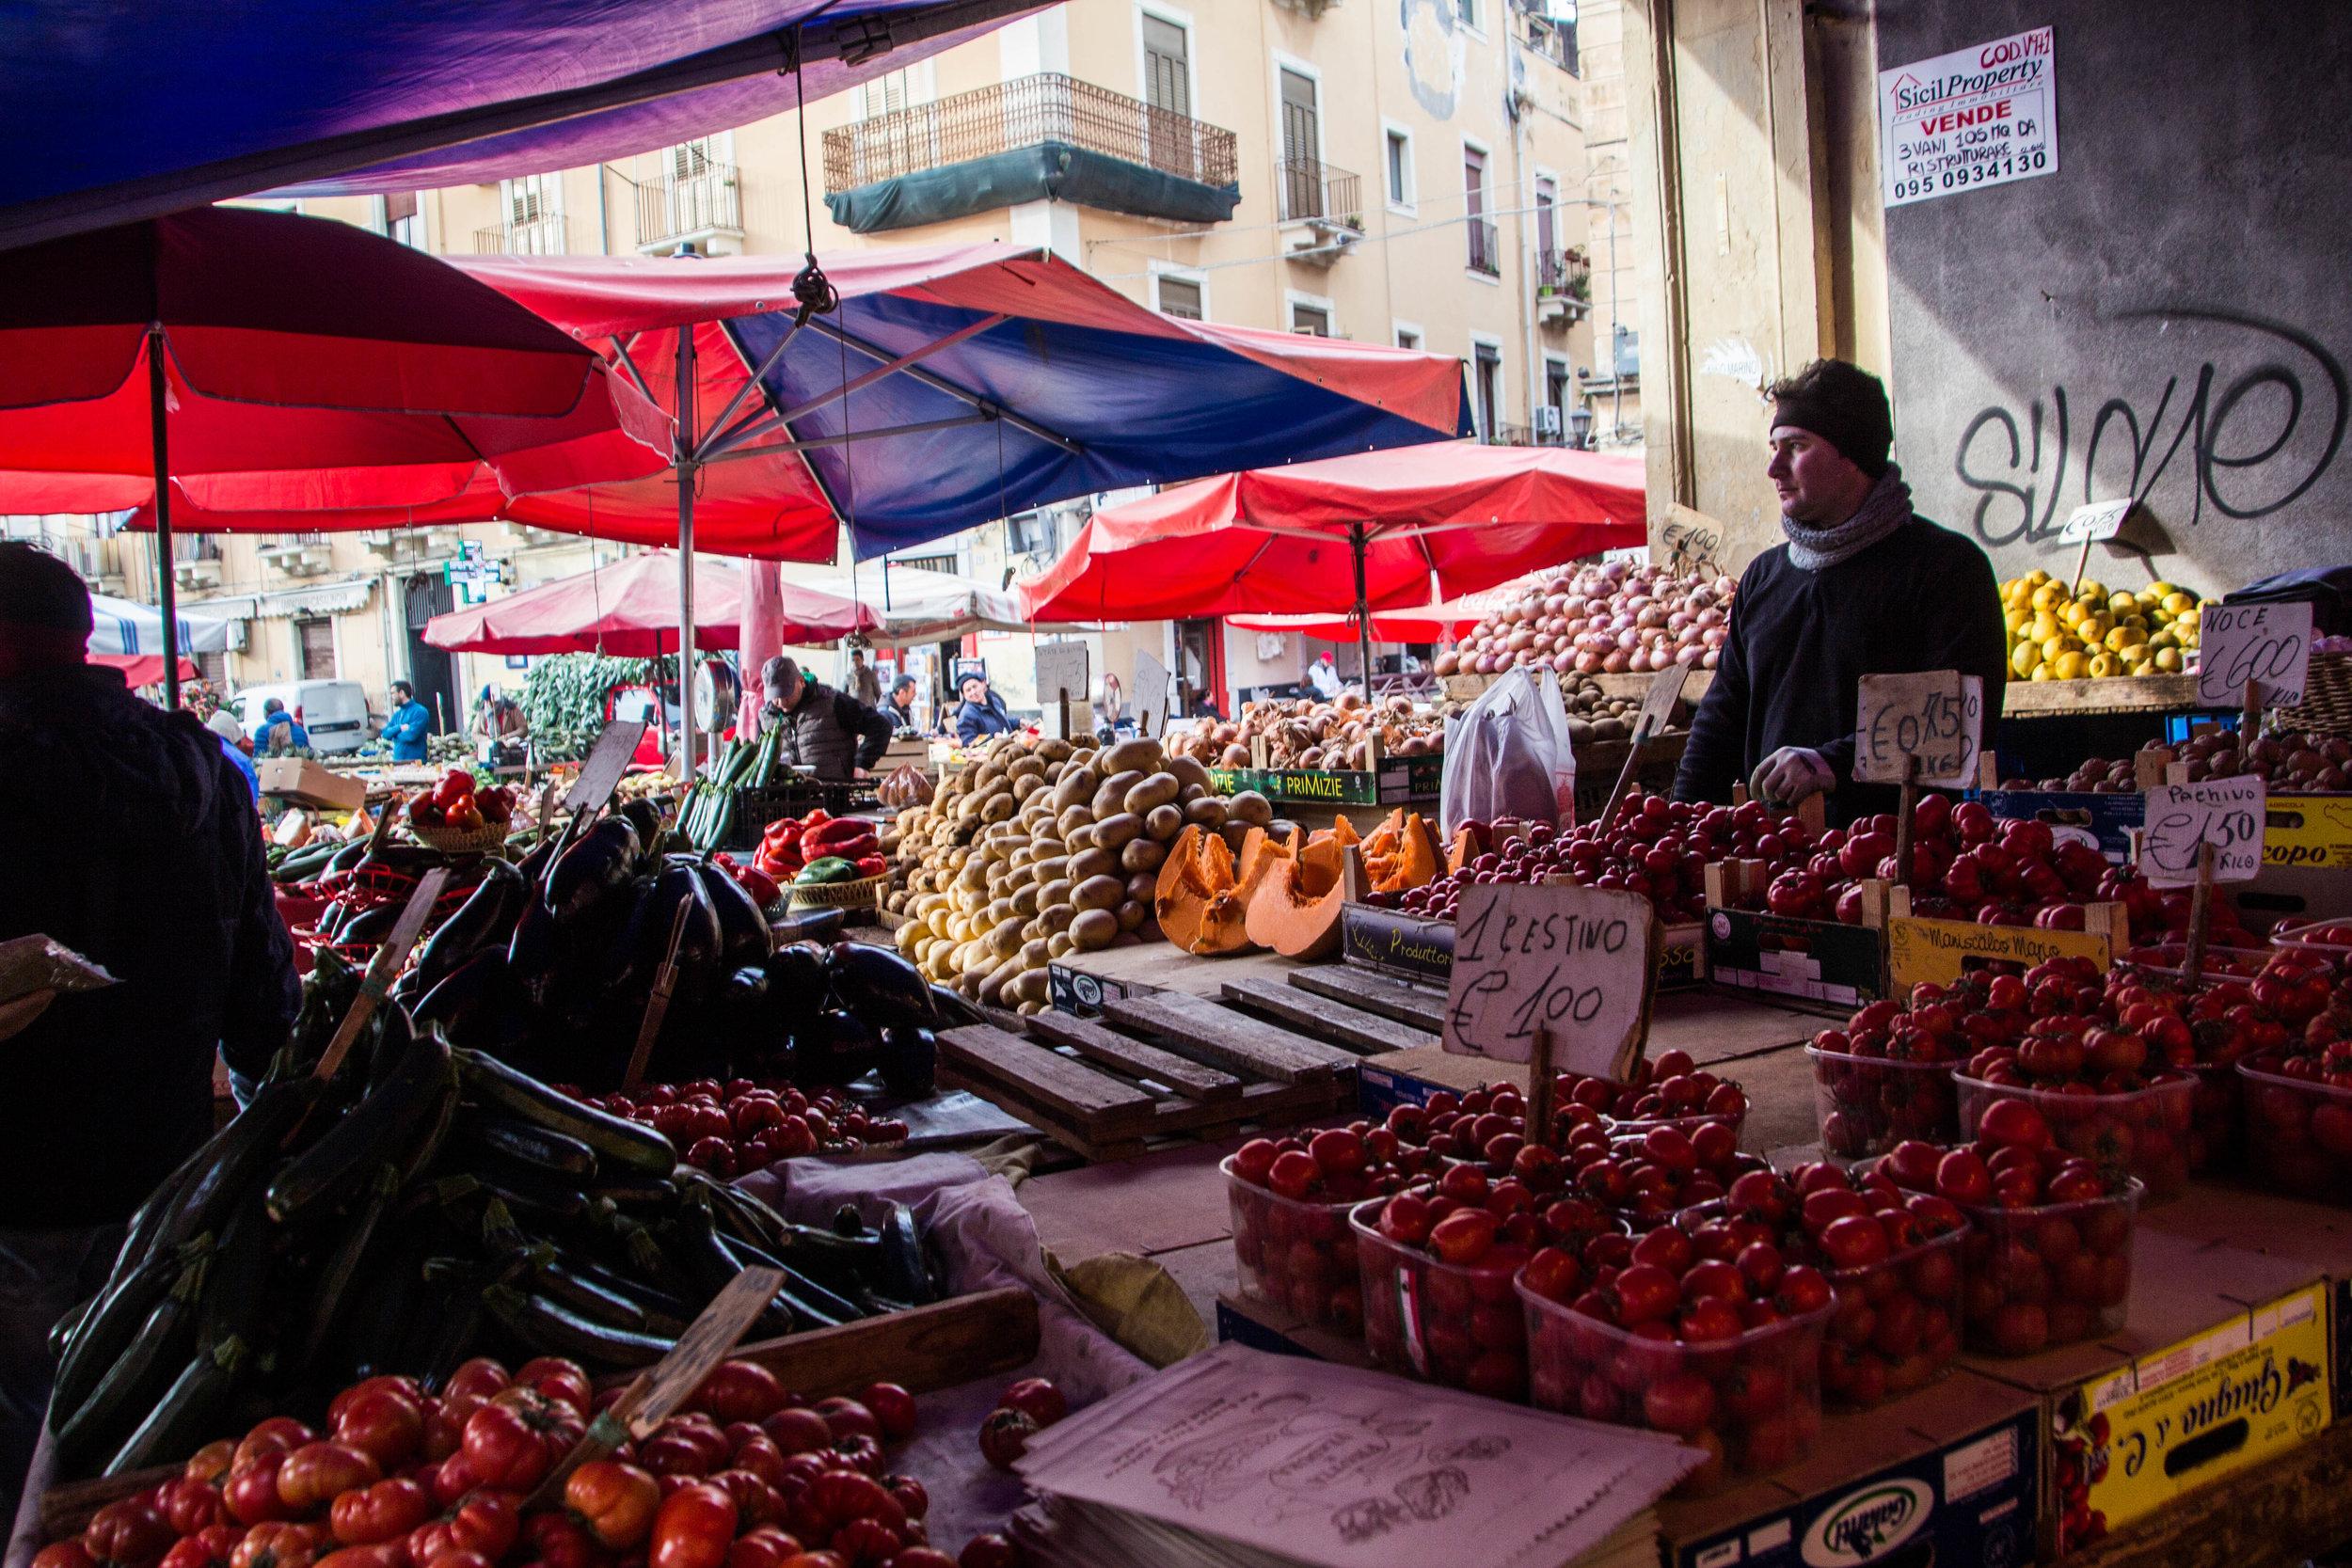 market-catania-sicily-11.jpg